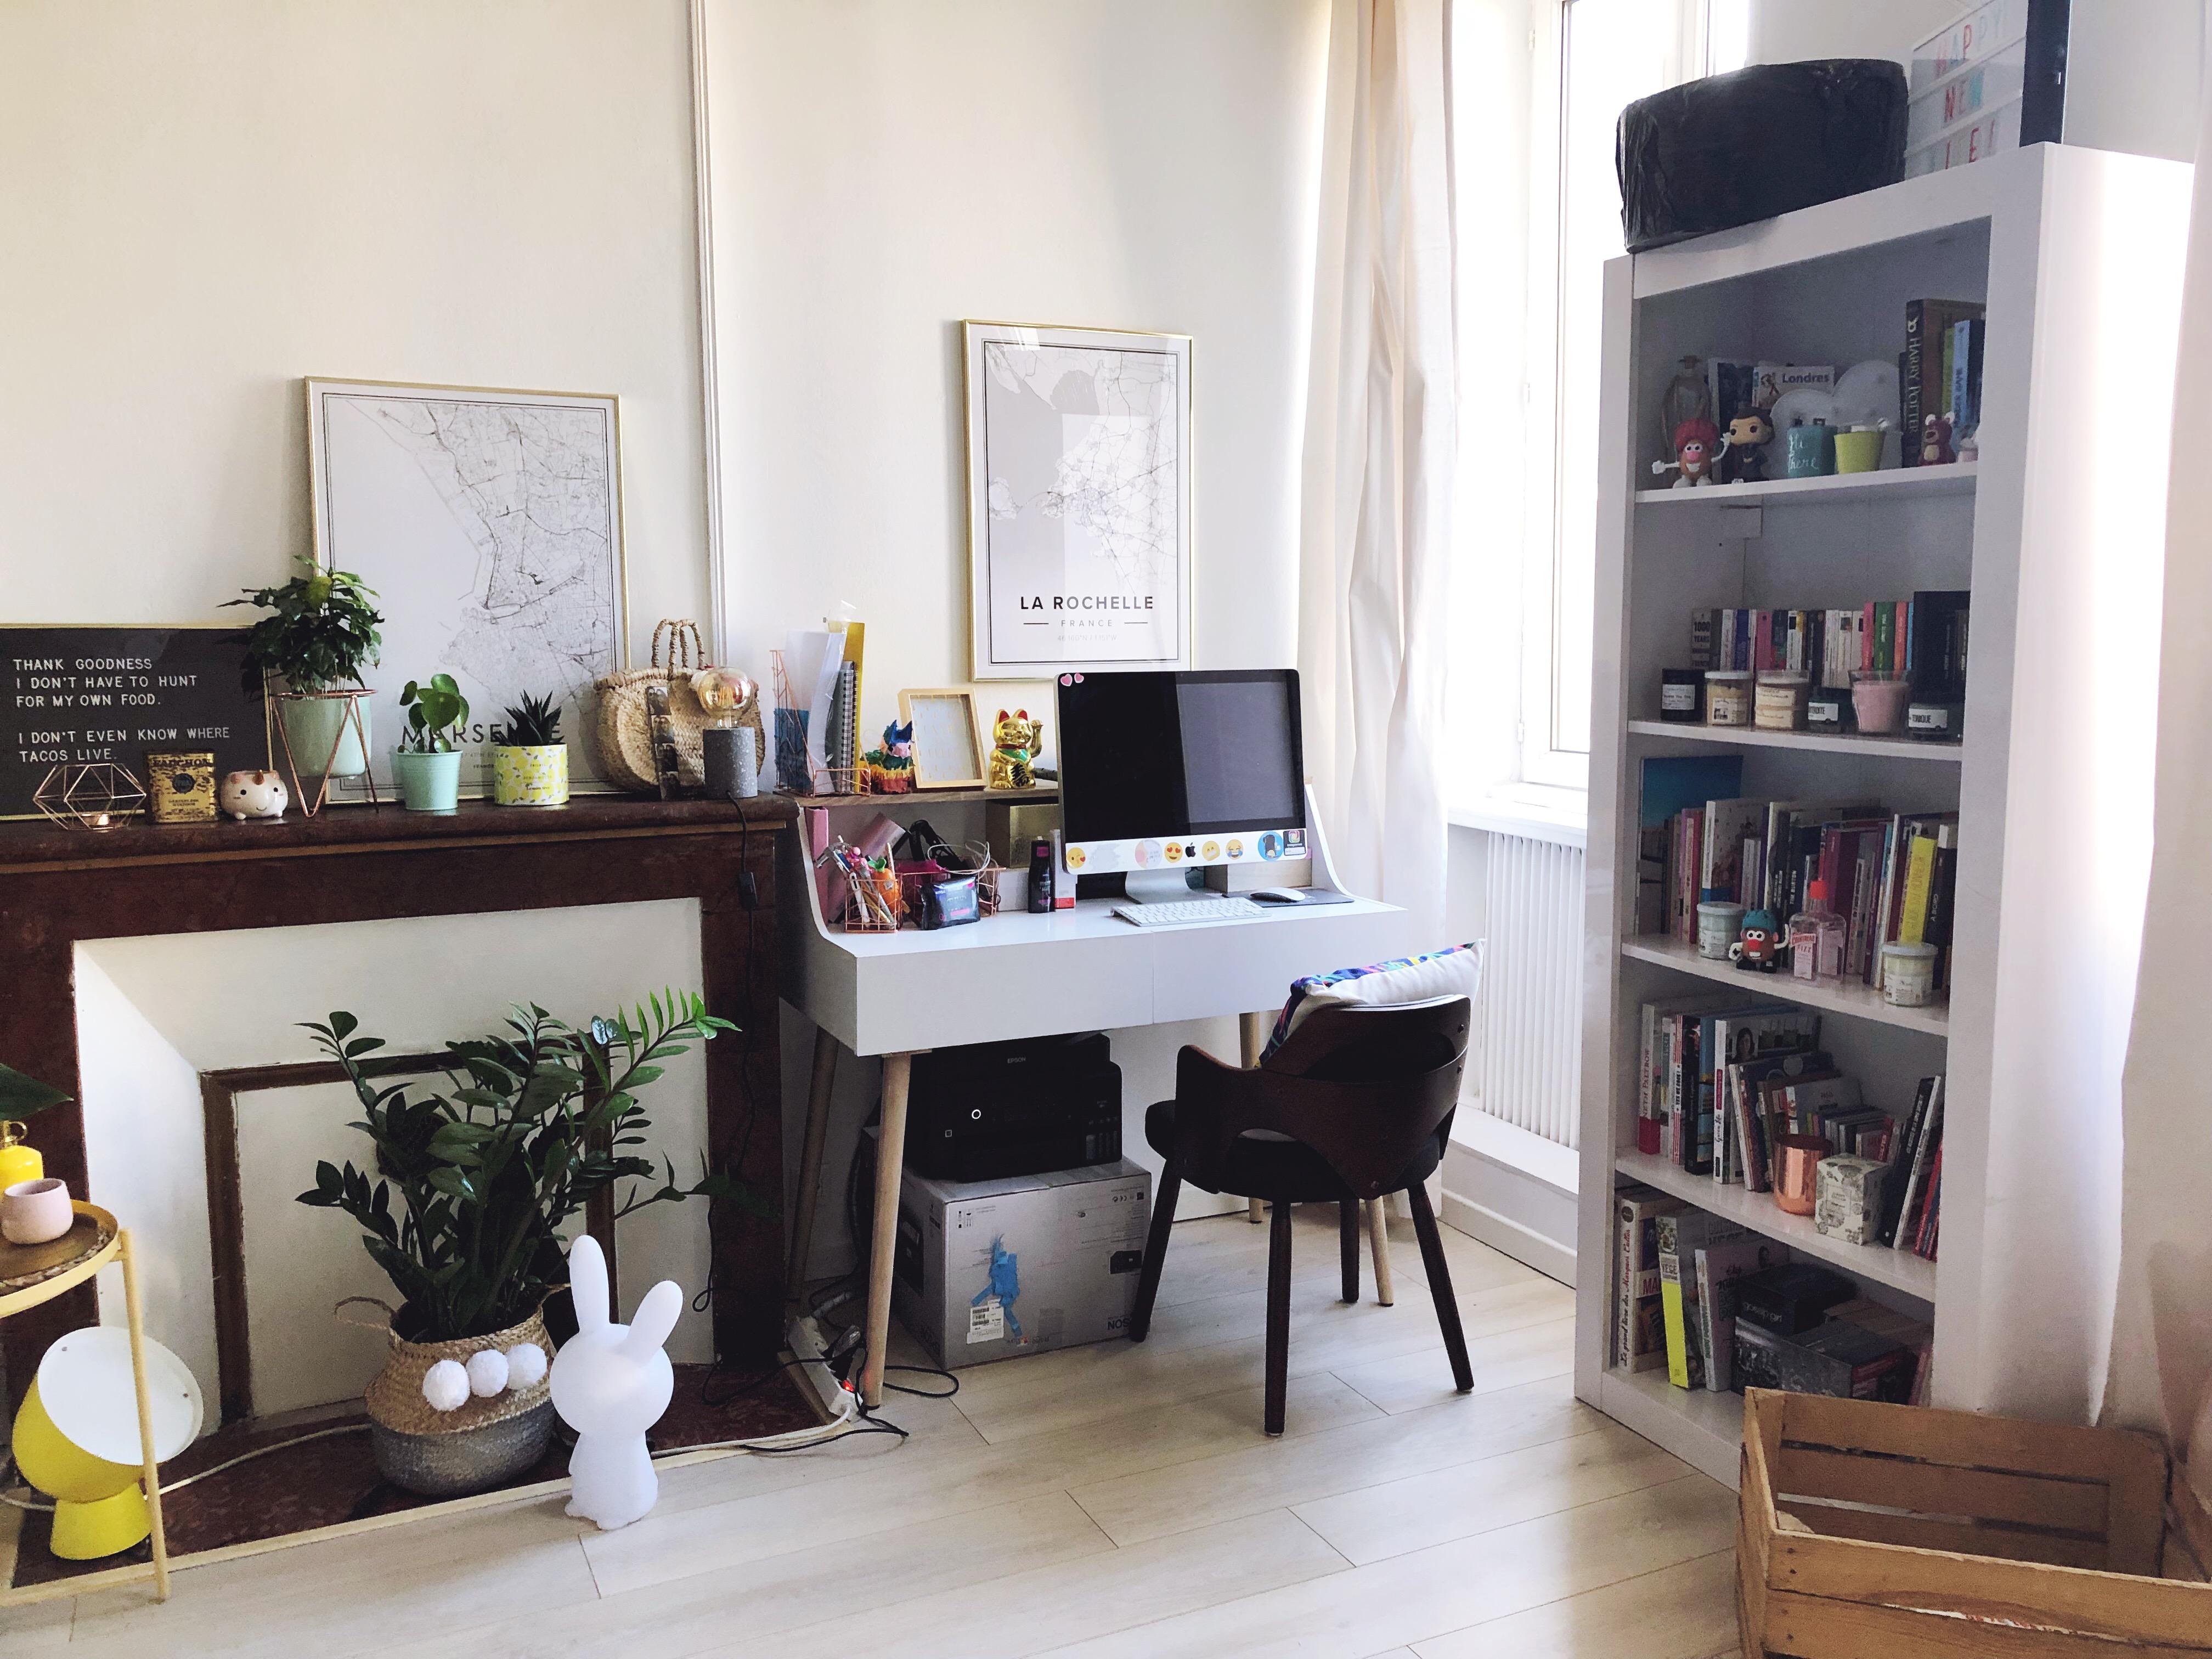 La Décoration De Salon la déco girly scandinave de mon salon - le so girly blog